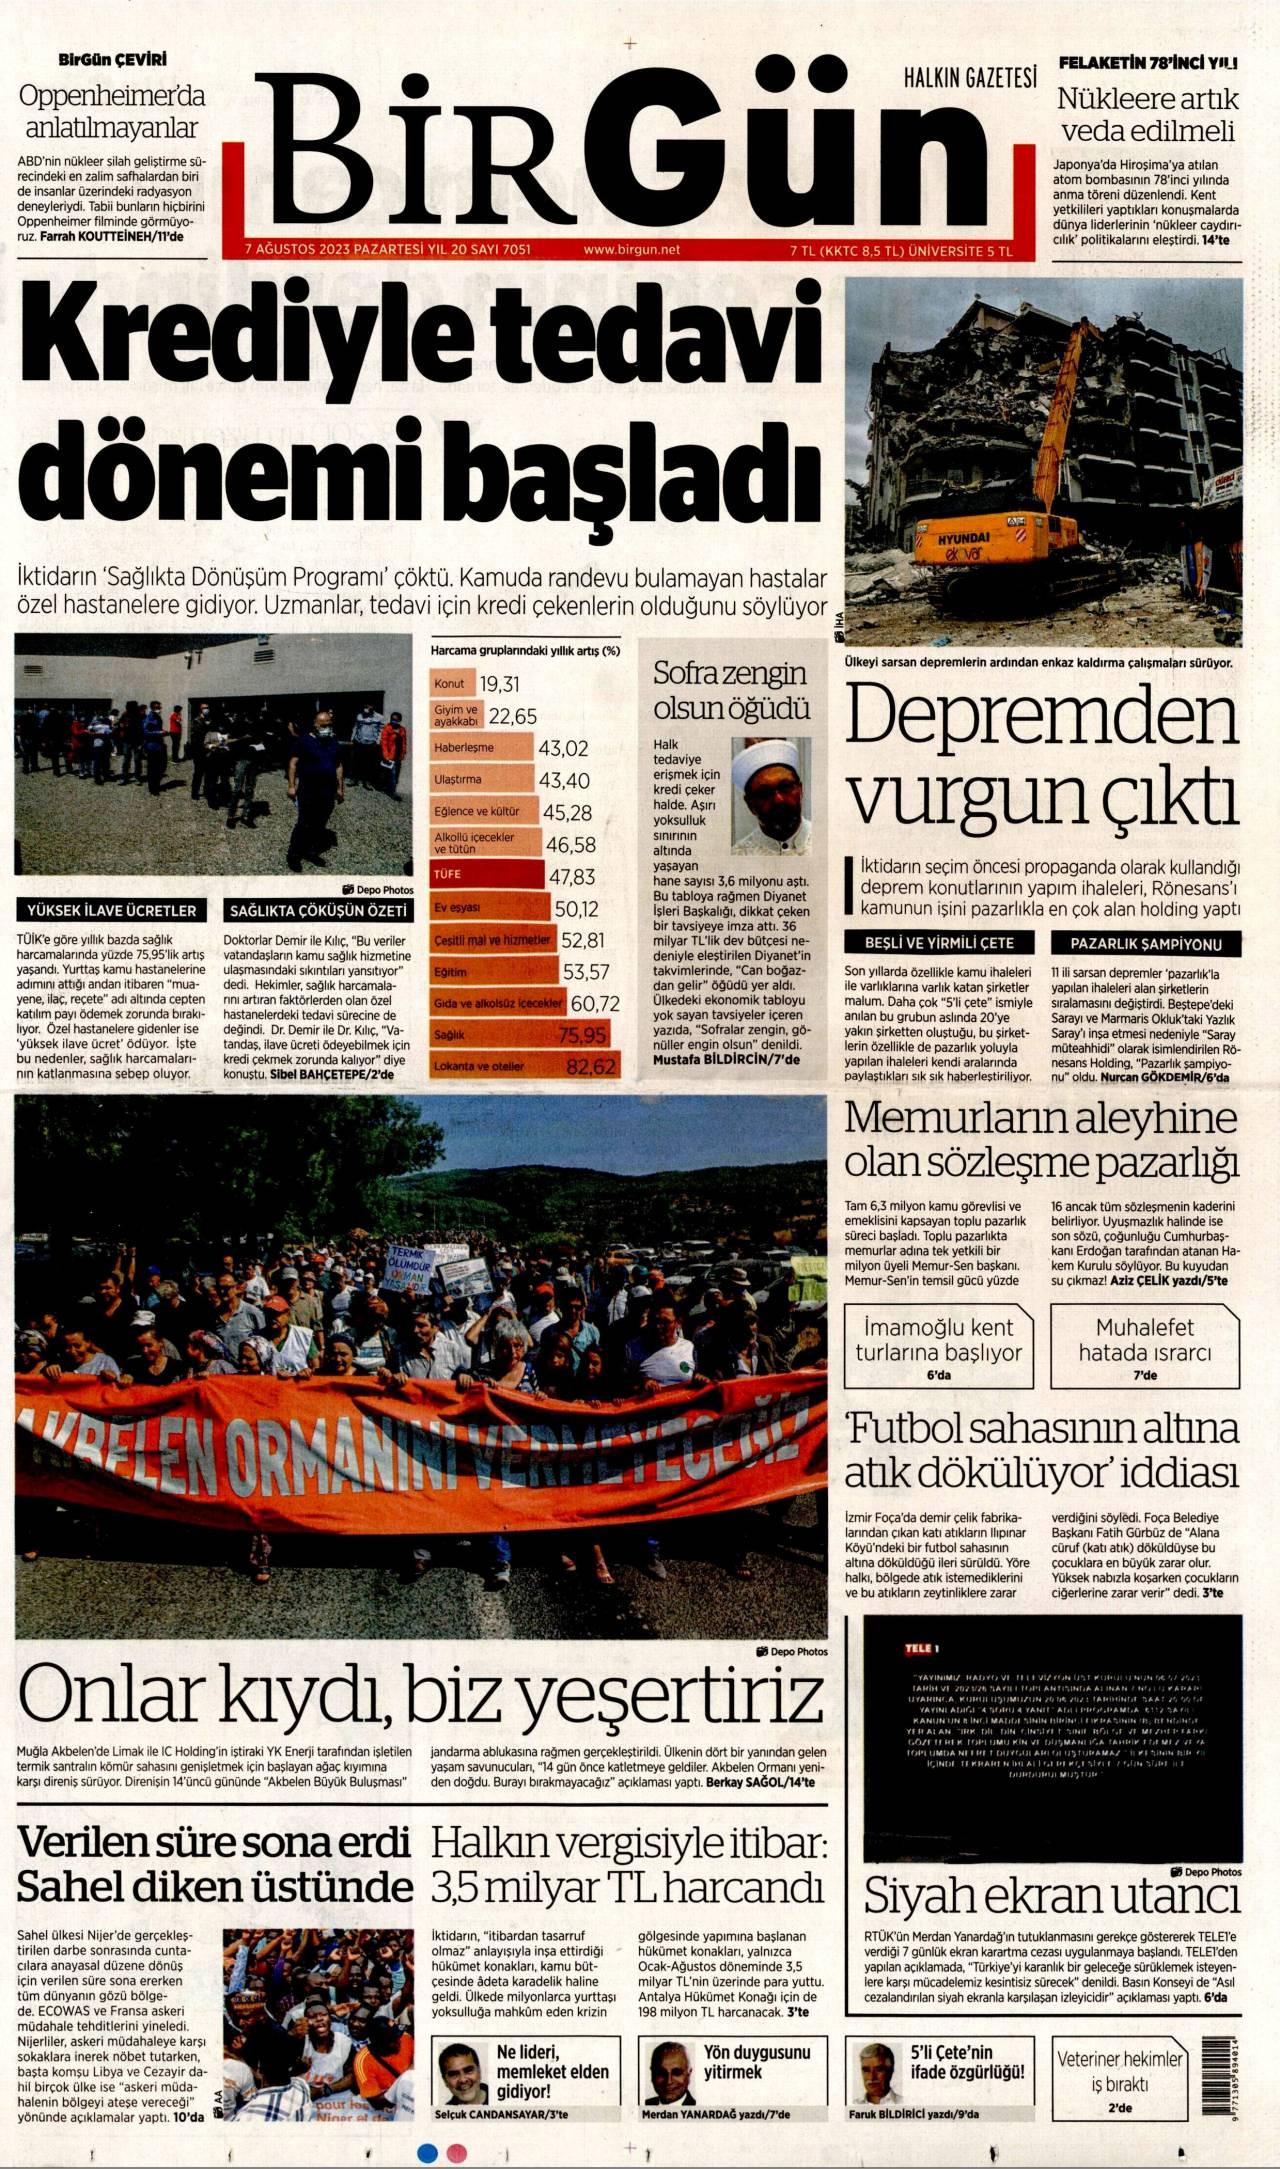 23 Eylül 2020, Çarşamba birgun Gazetesi